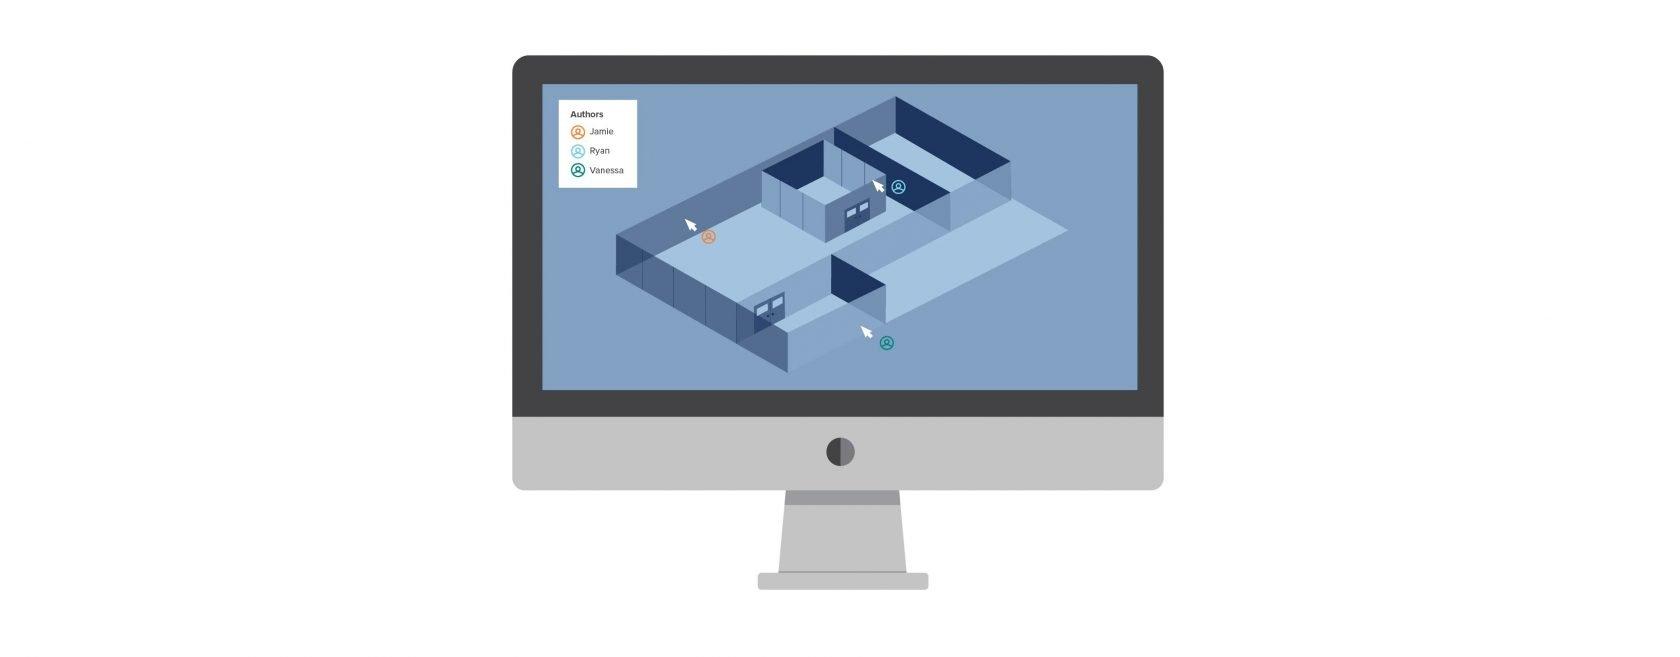 BIM VDC Design Authoring Model Coordination